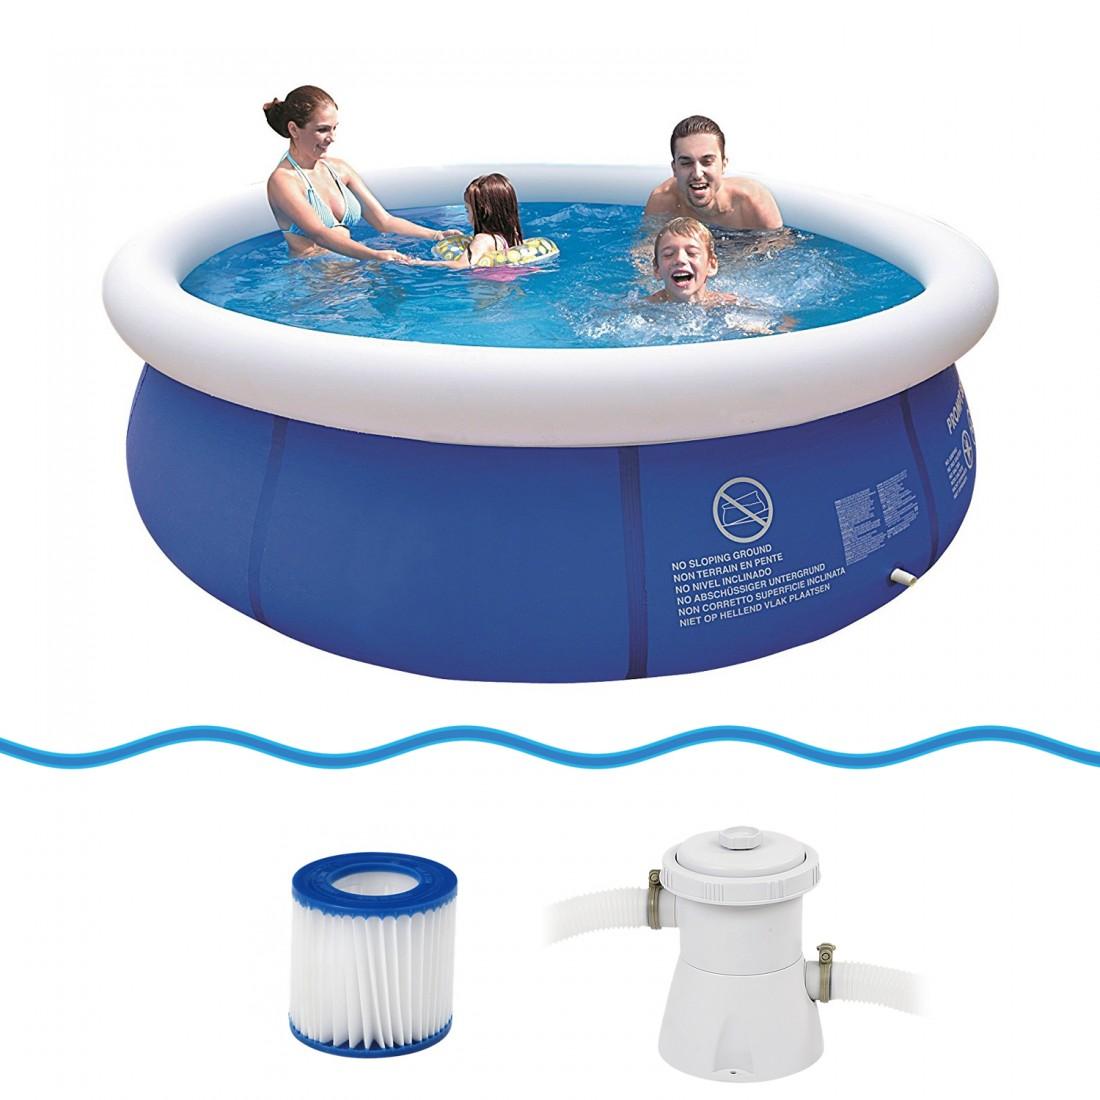 Achetez jilong prompt set pool marin blue 300 set kit for Accessoire piscine jilong